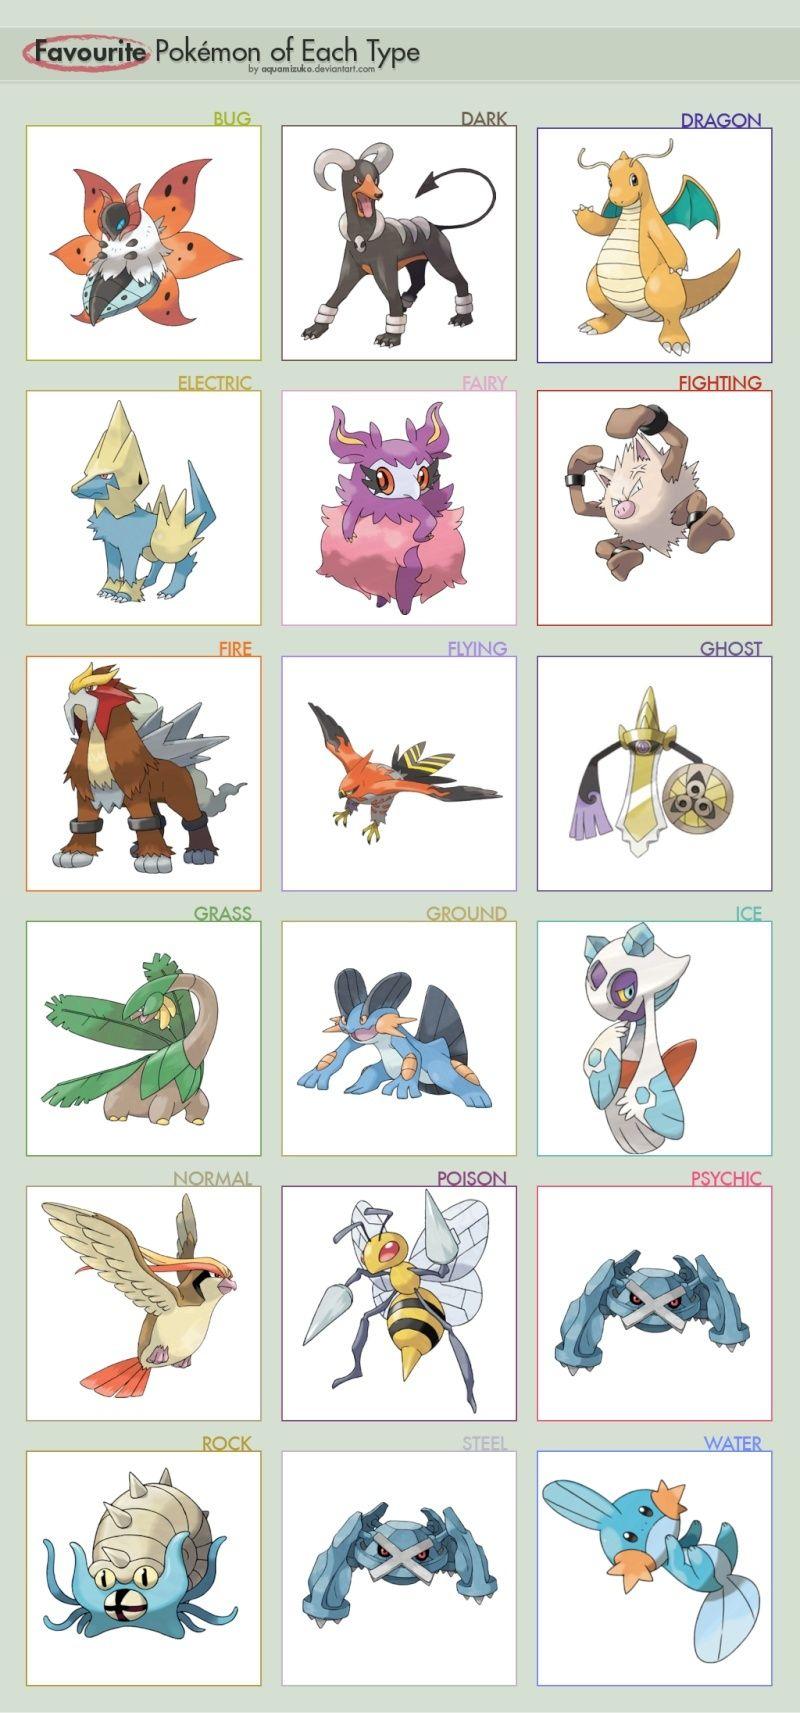 Votre (vos ?) Pokémon préféré(s) (☆^ー^☆) - Page 2 Fngfrn10